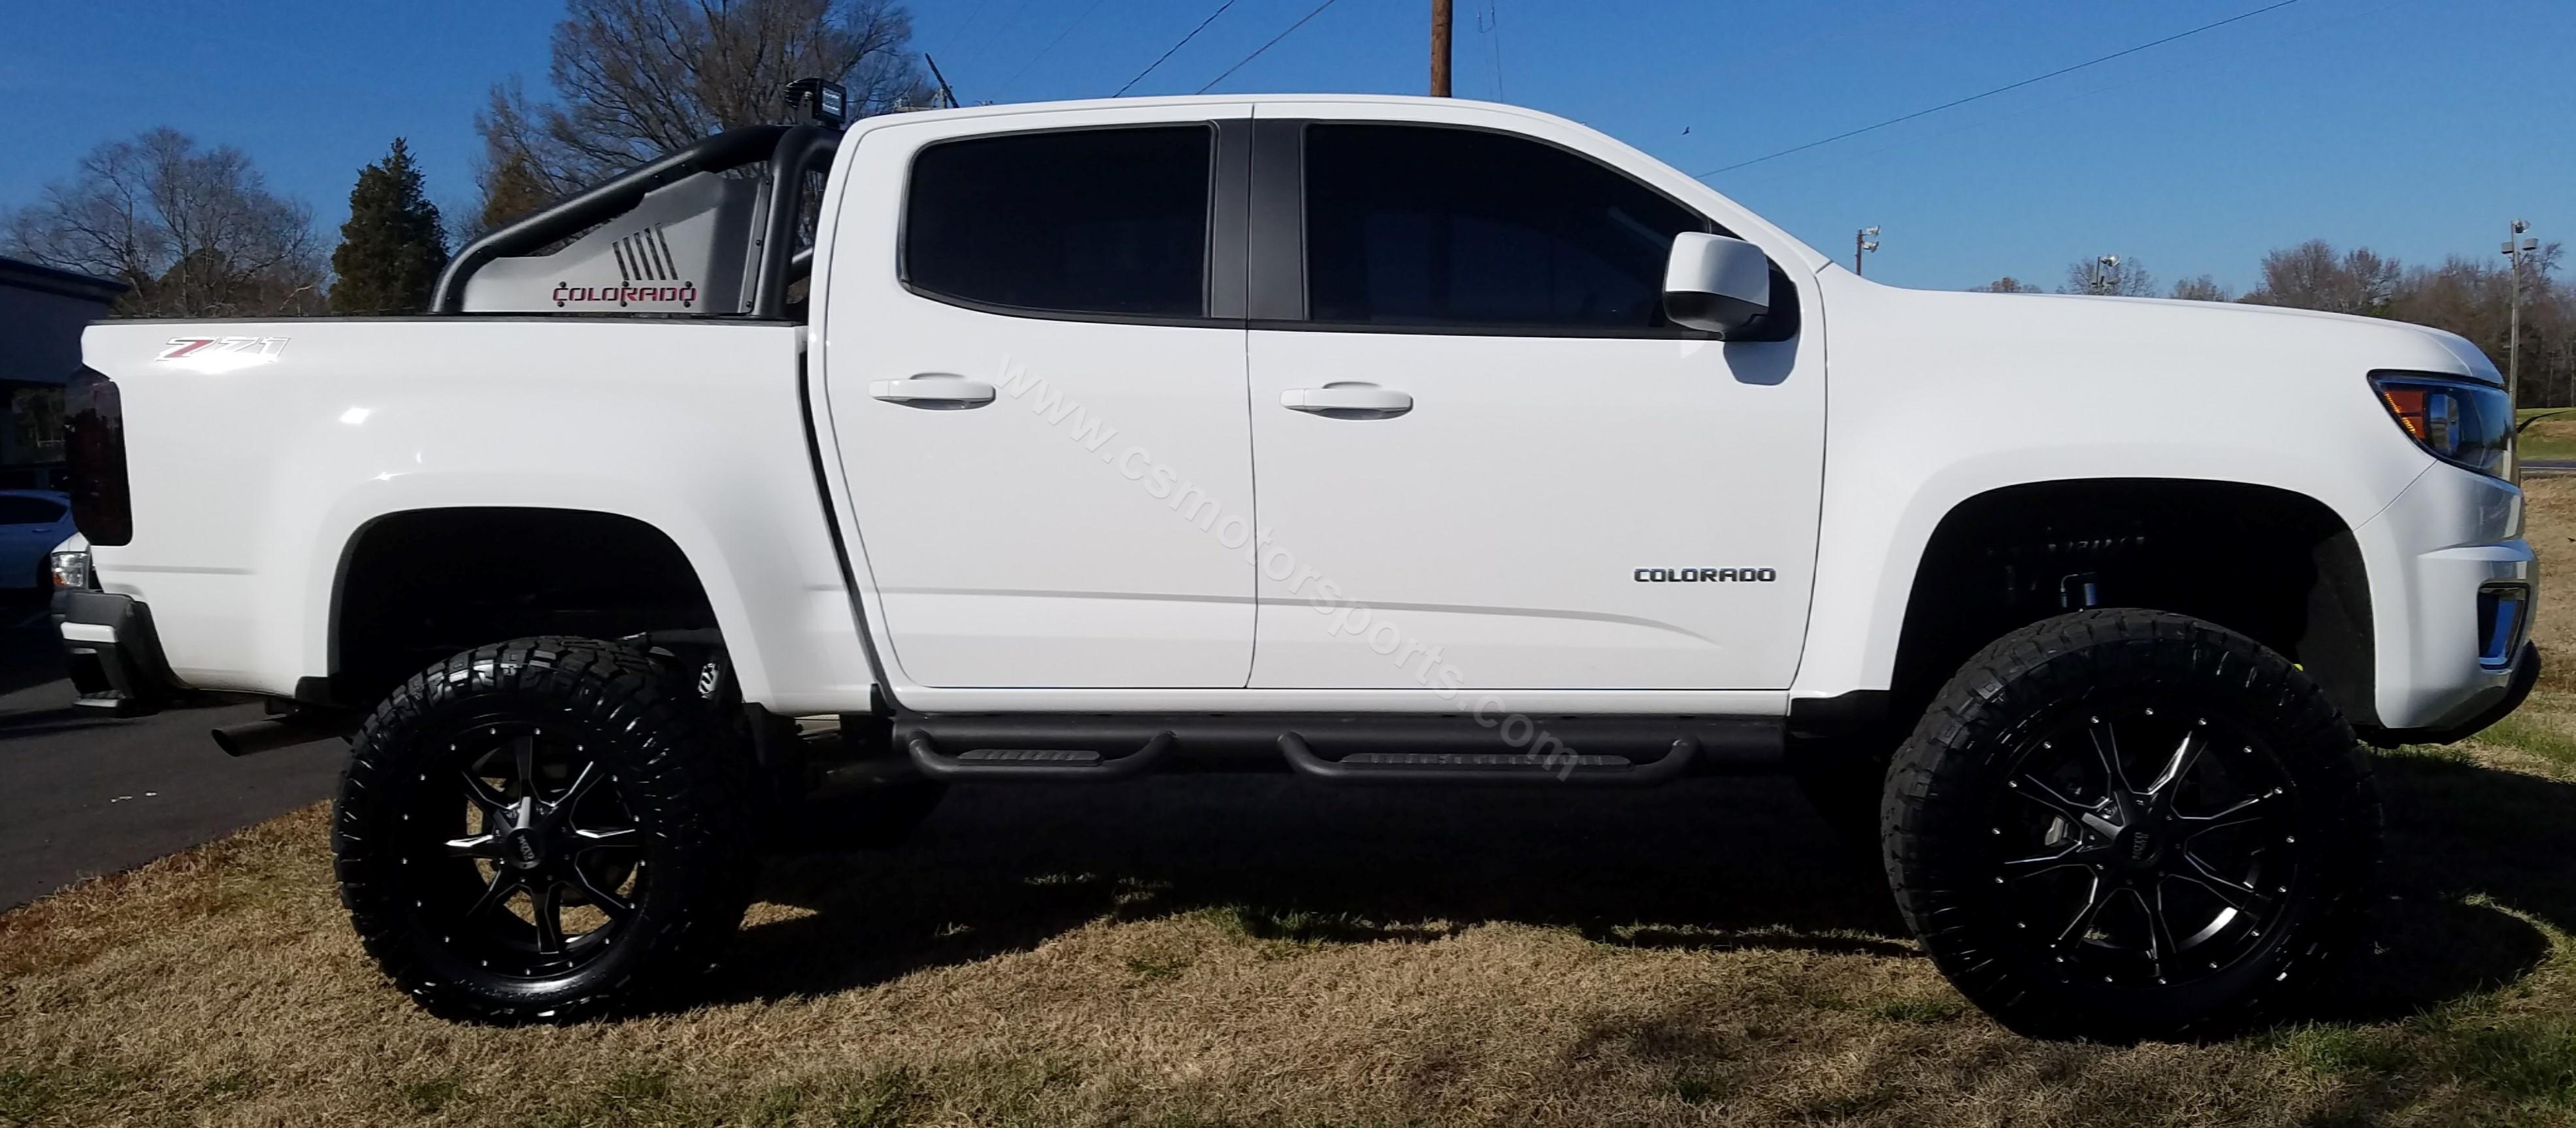 2017 Chevy Colorado